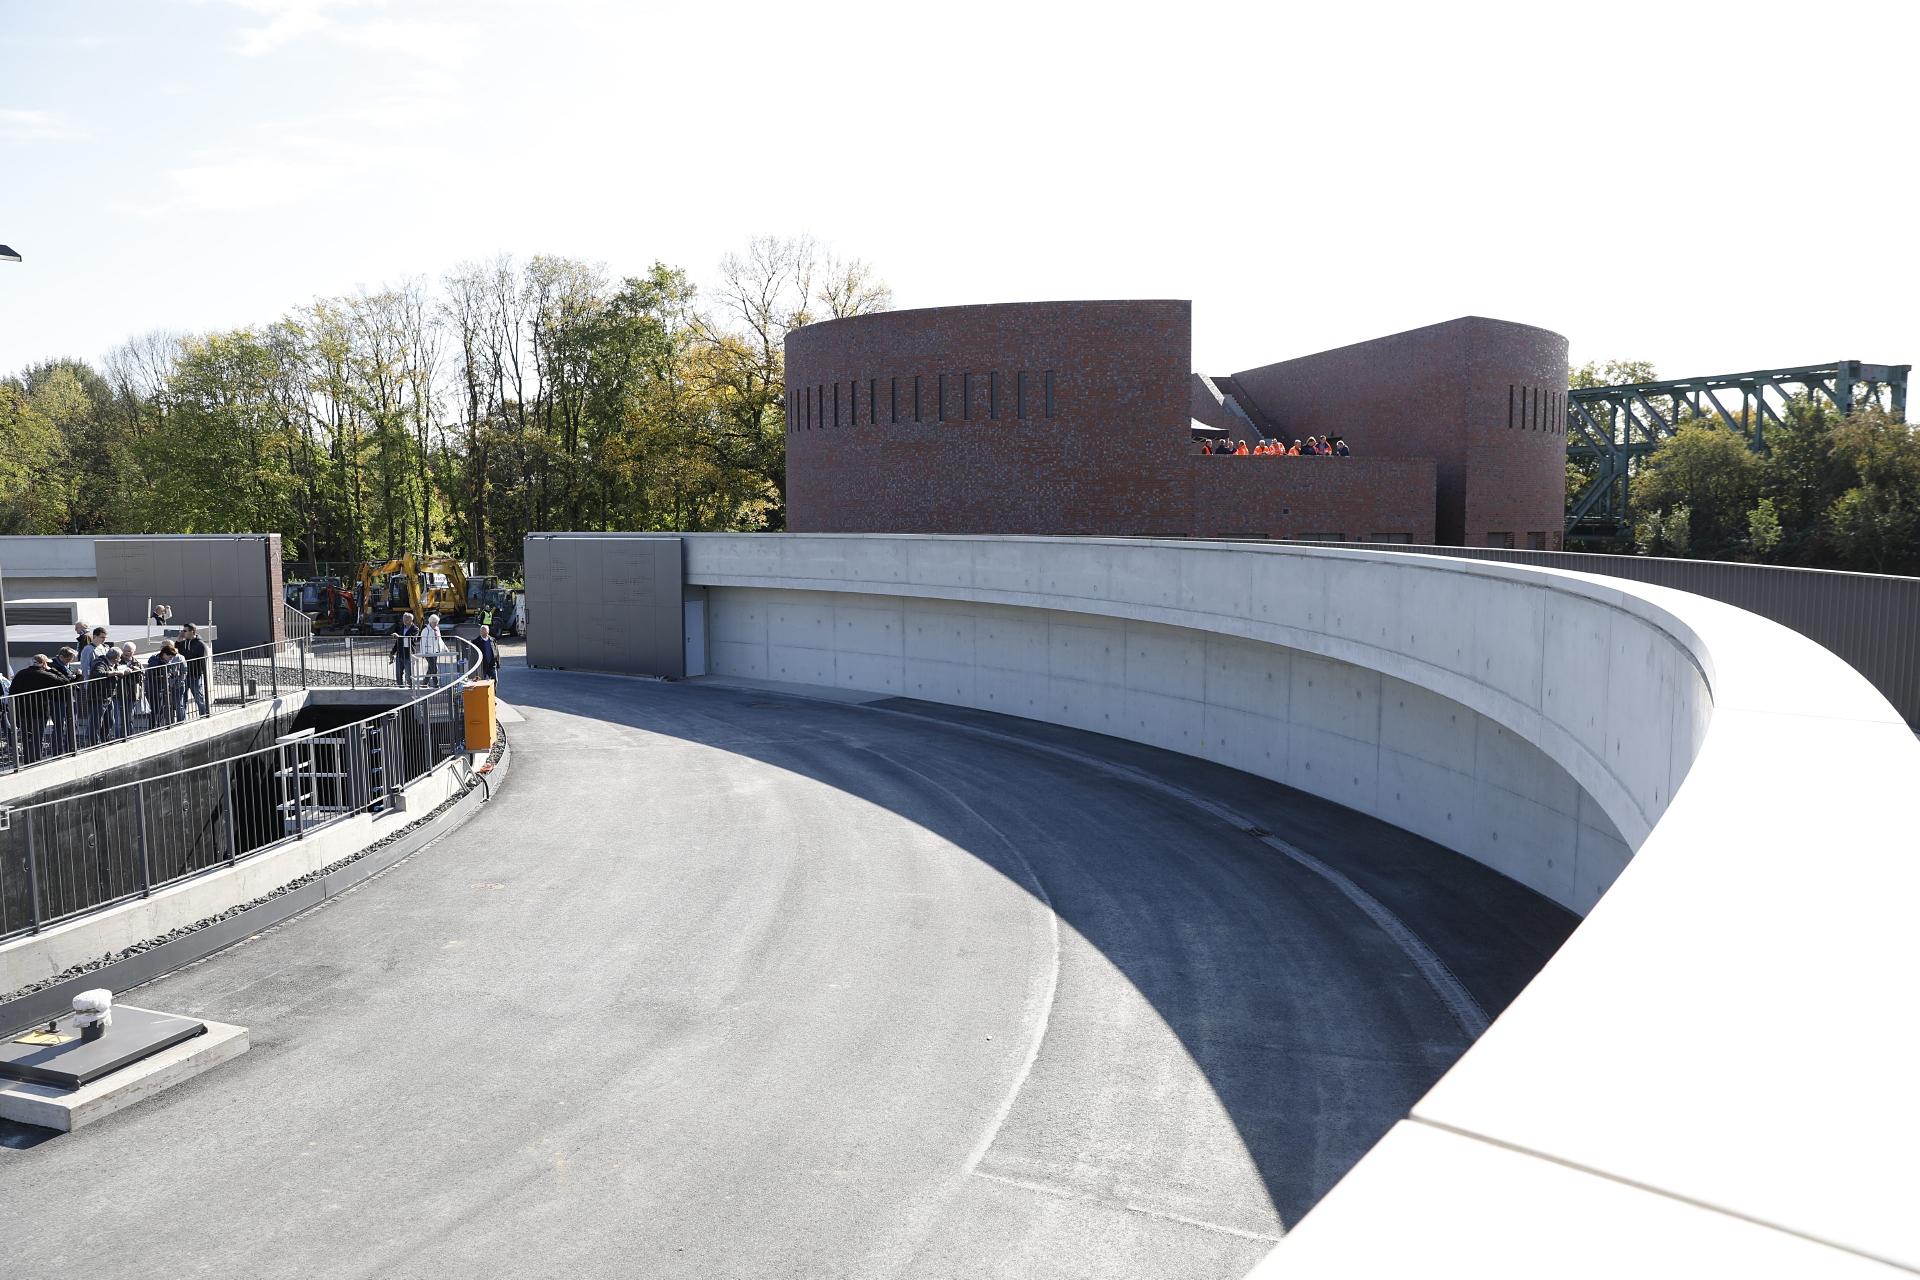 Das AKE-Pumpwerk Gelsenkirchen ist bereits fertiggestellt